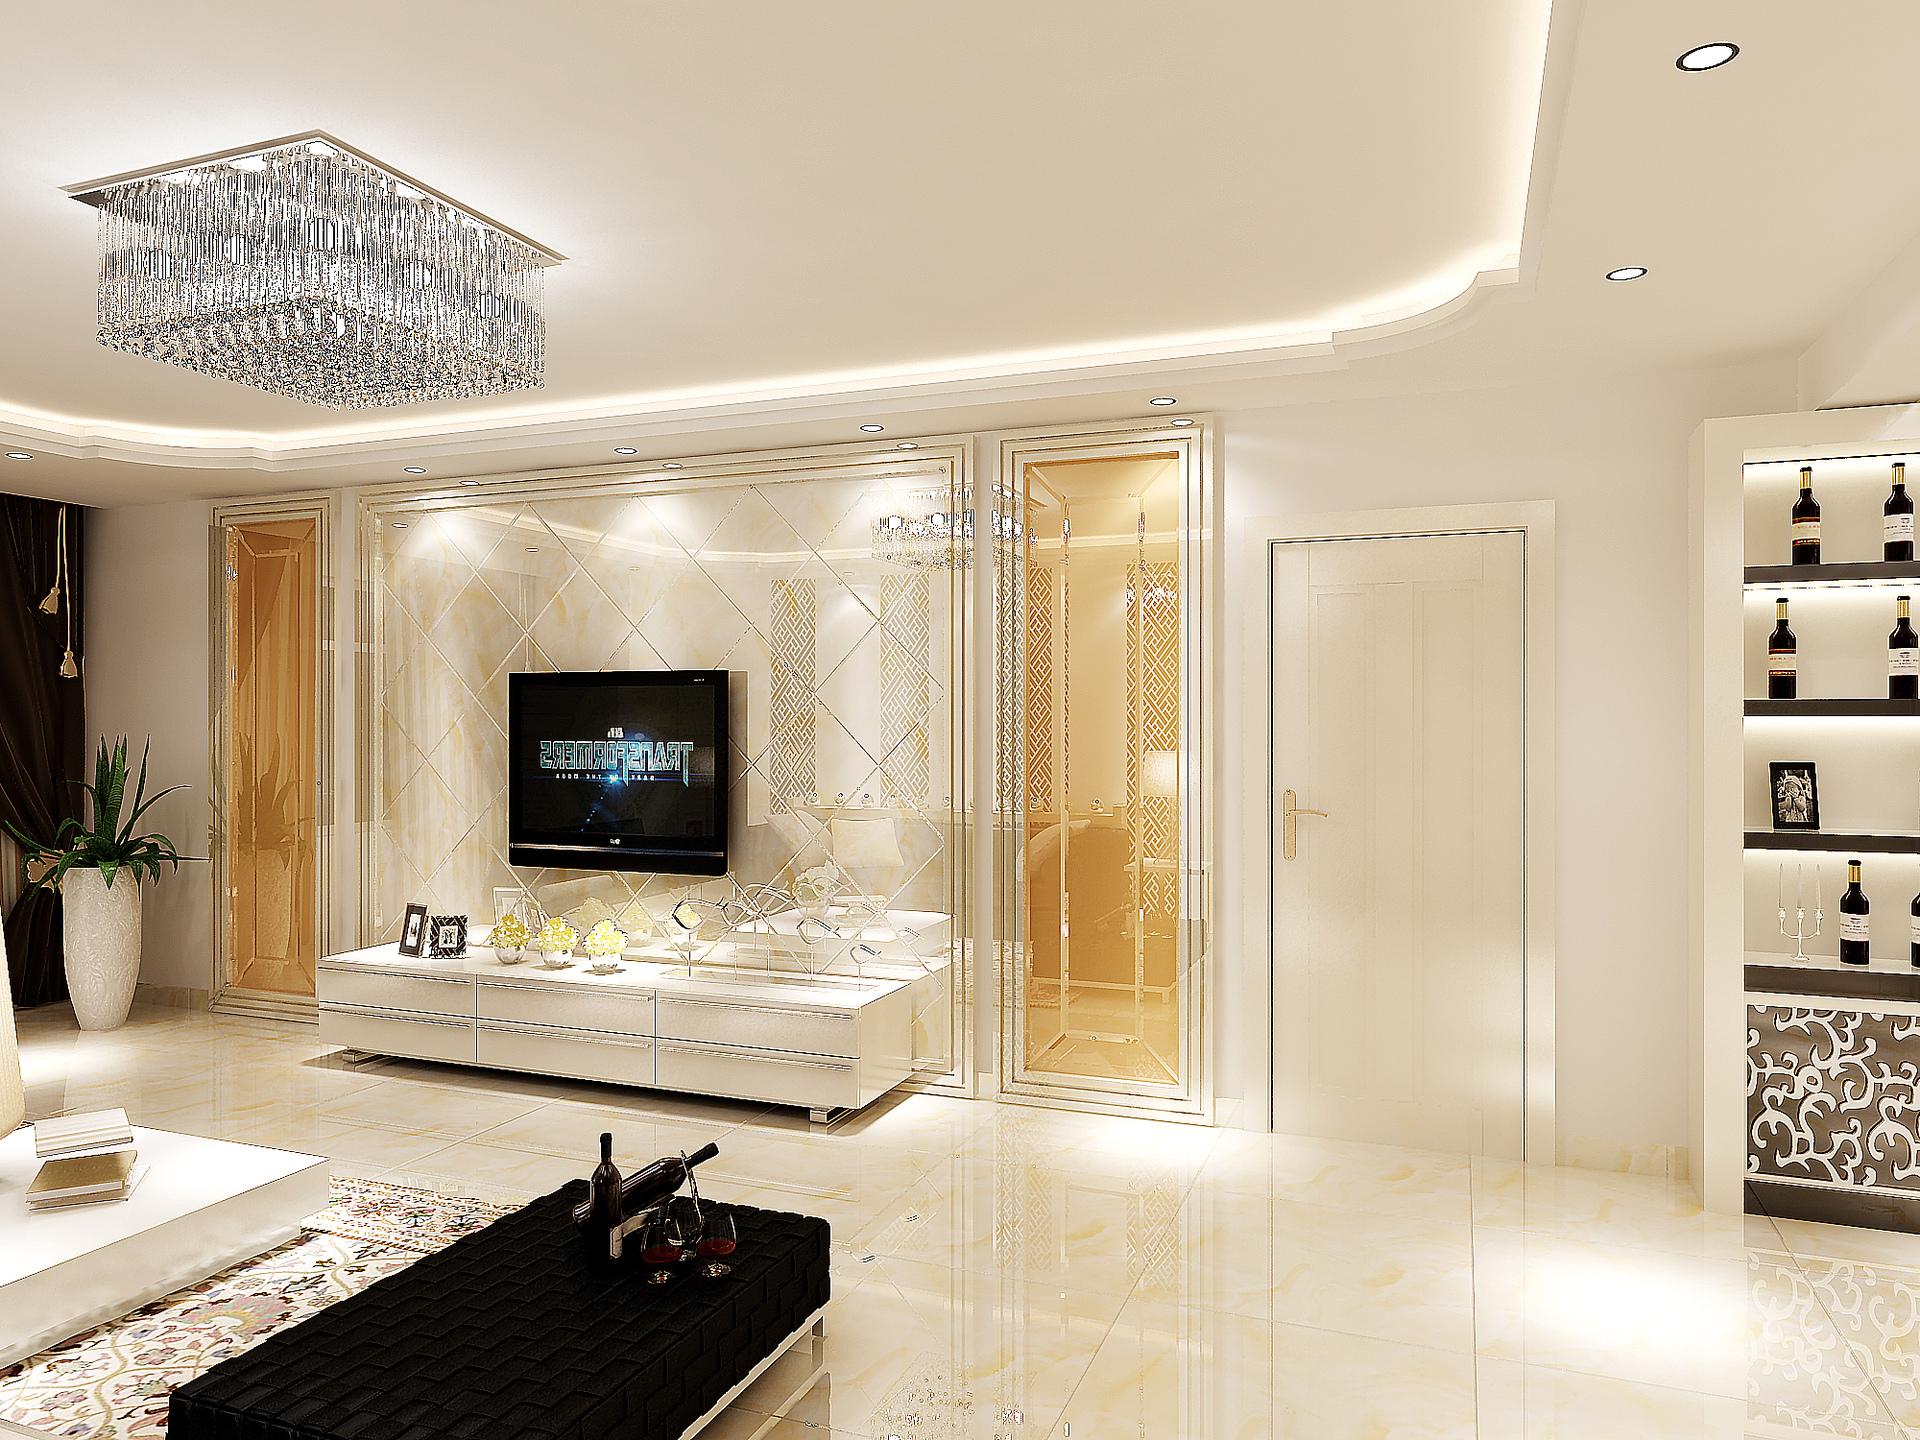 港式风格的装修中,客厅的以黄色为主调,展现一个休闲的氛围,电视墙